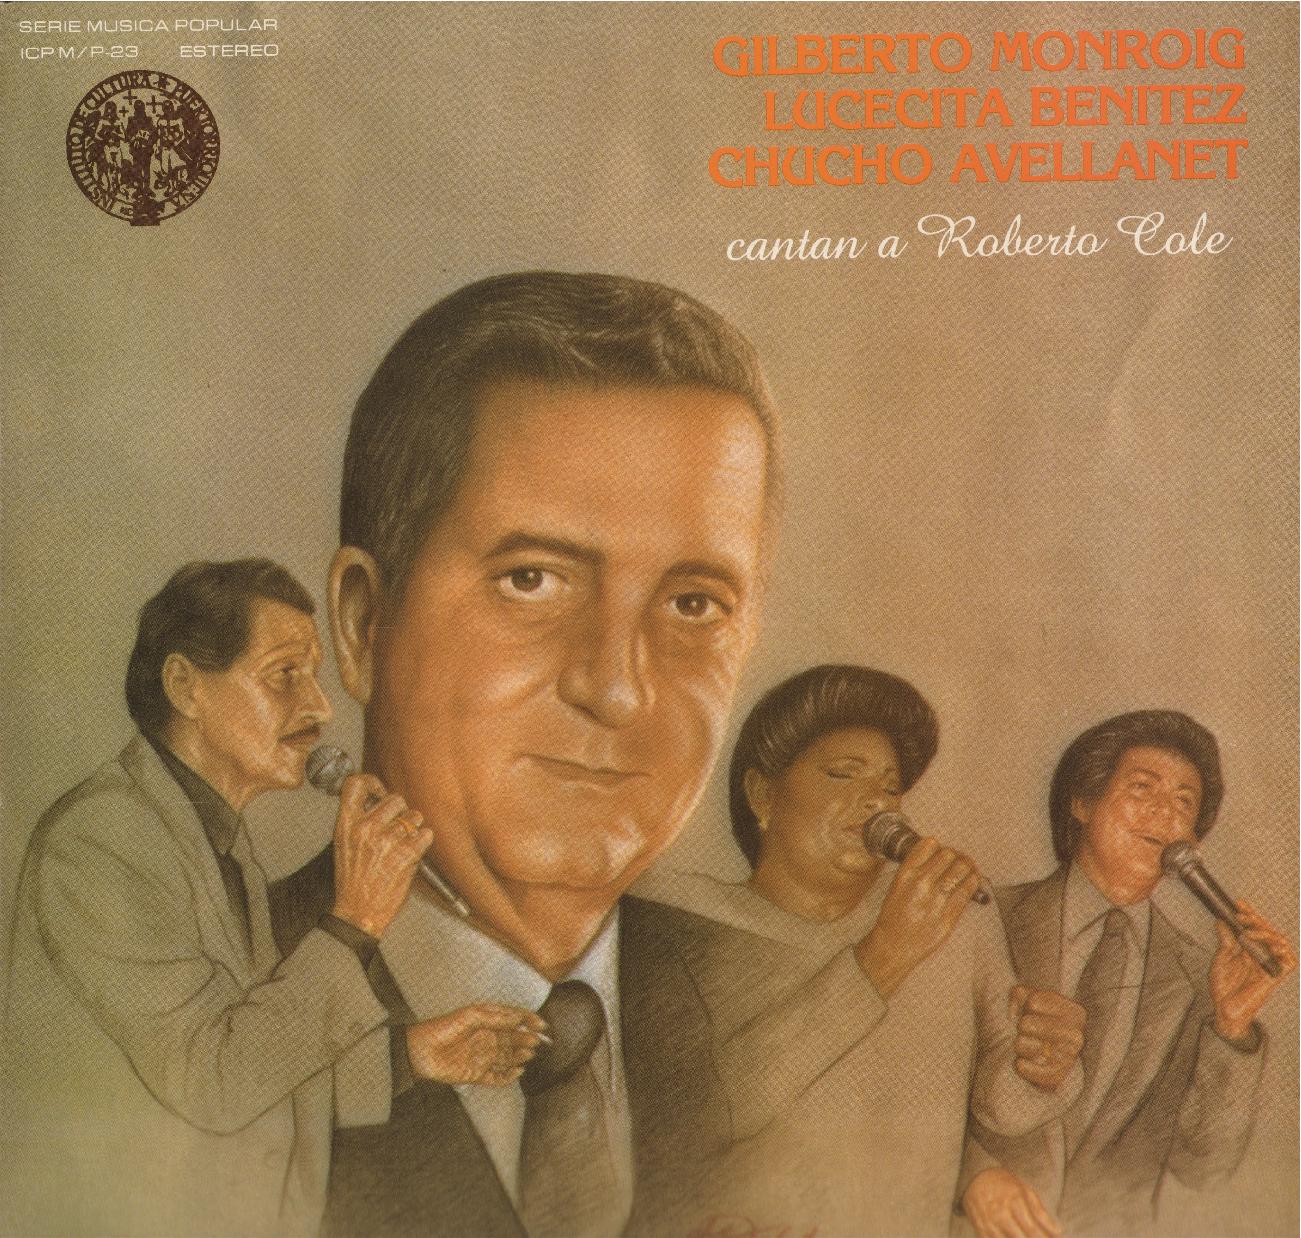 Gilberto Monroig, Lucecita Benítez y Chucho Avellanet cantan a Roberto Cole